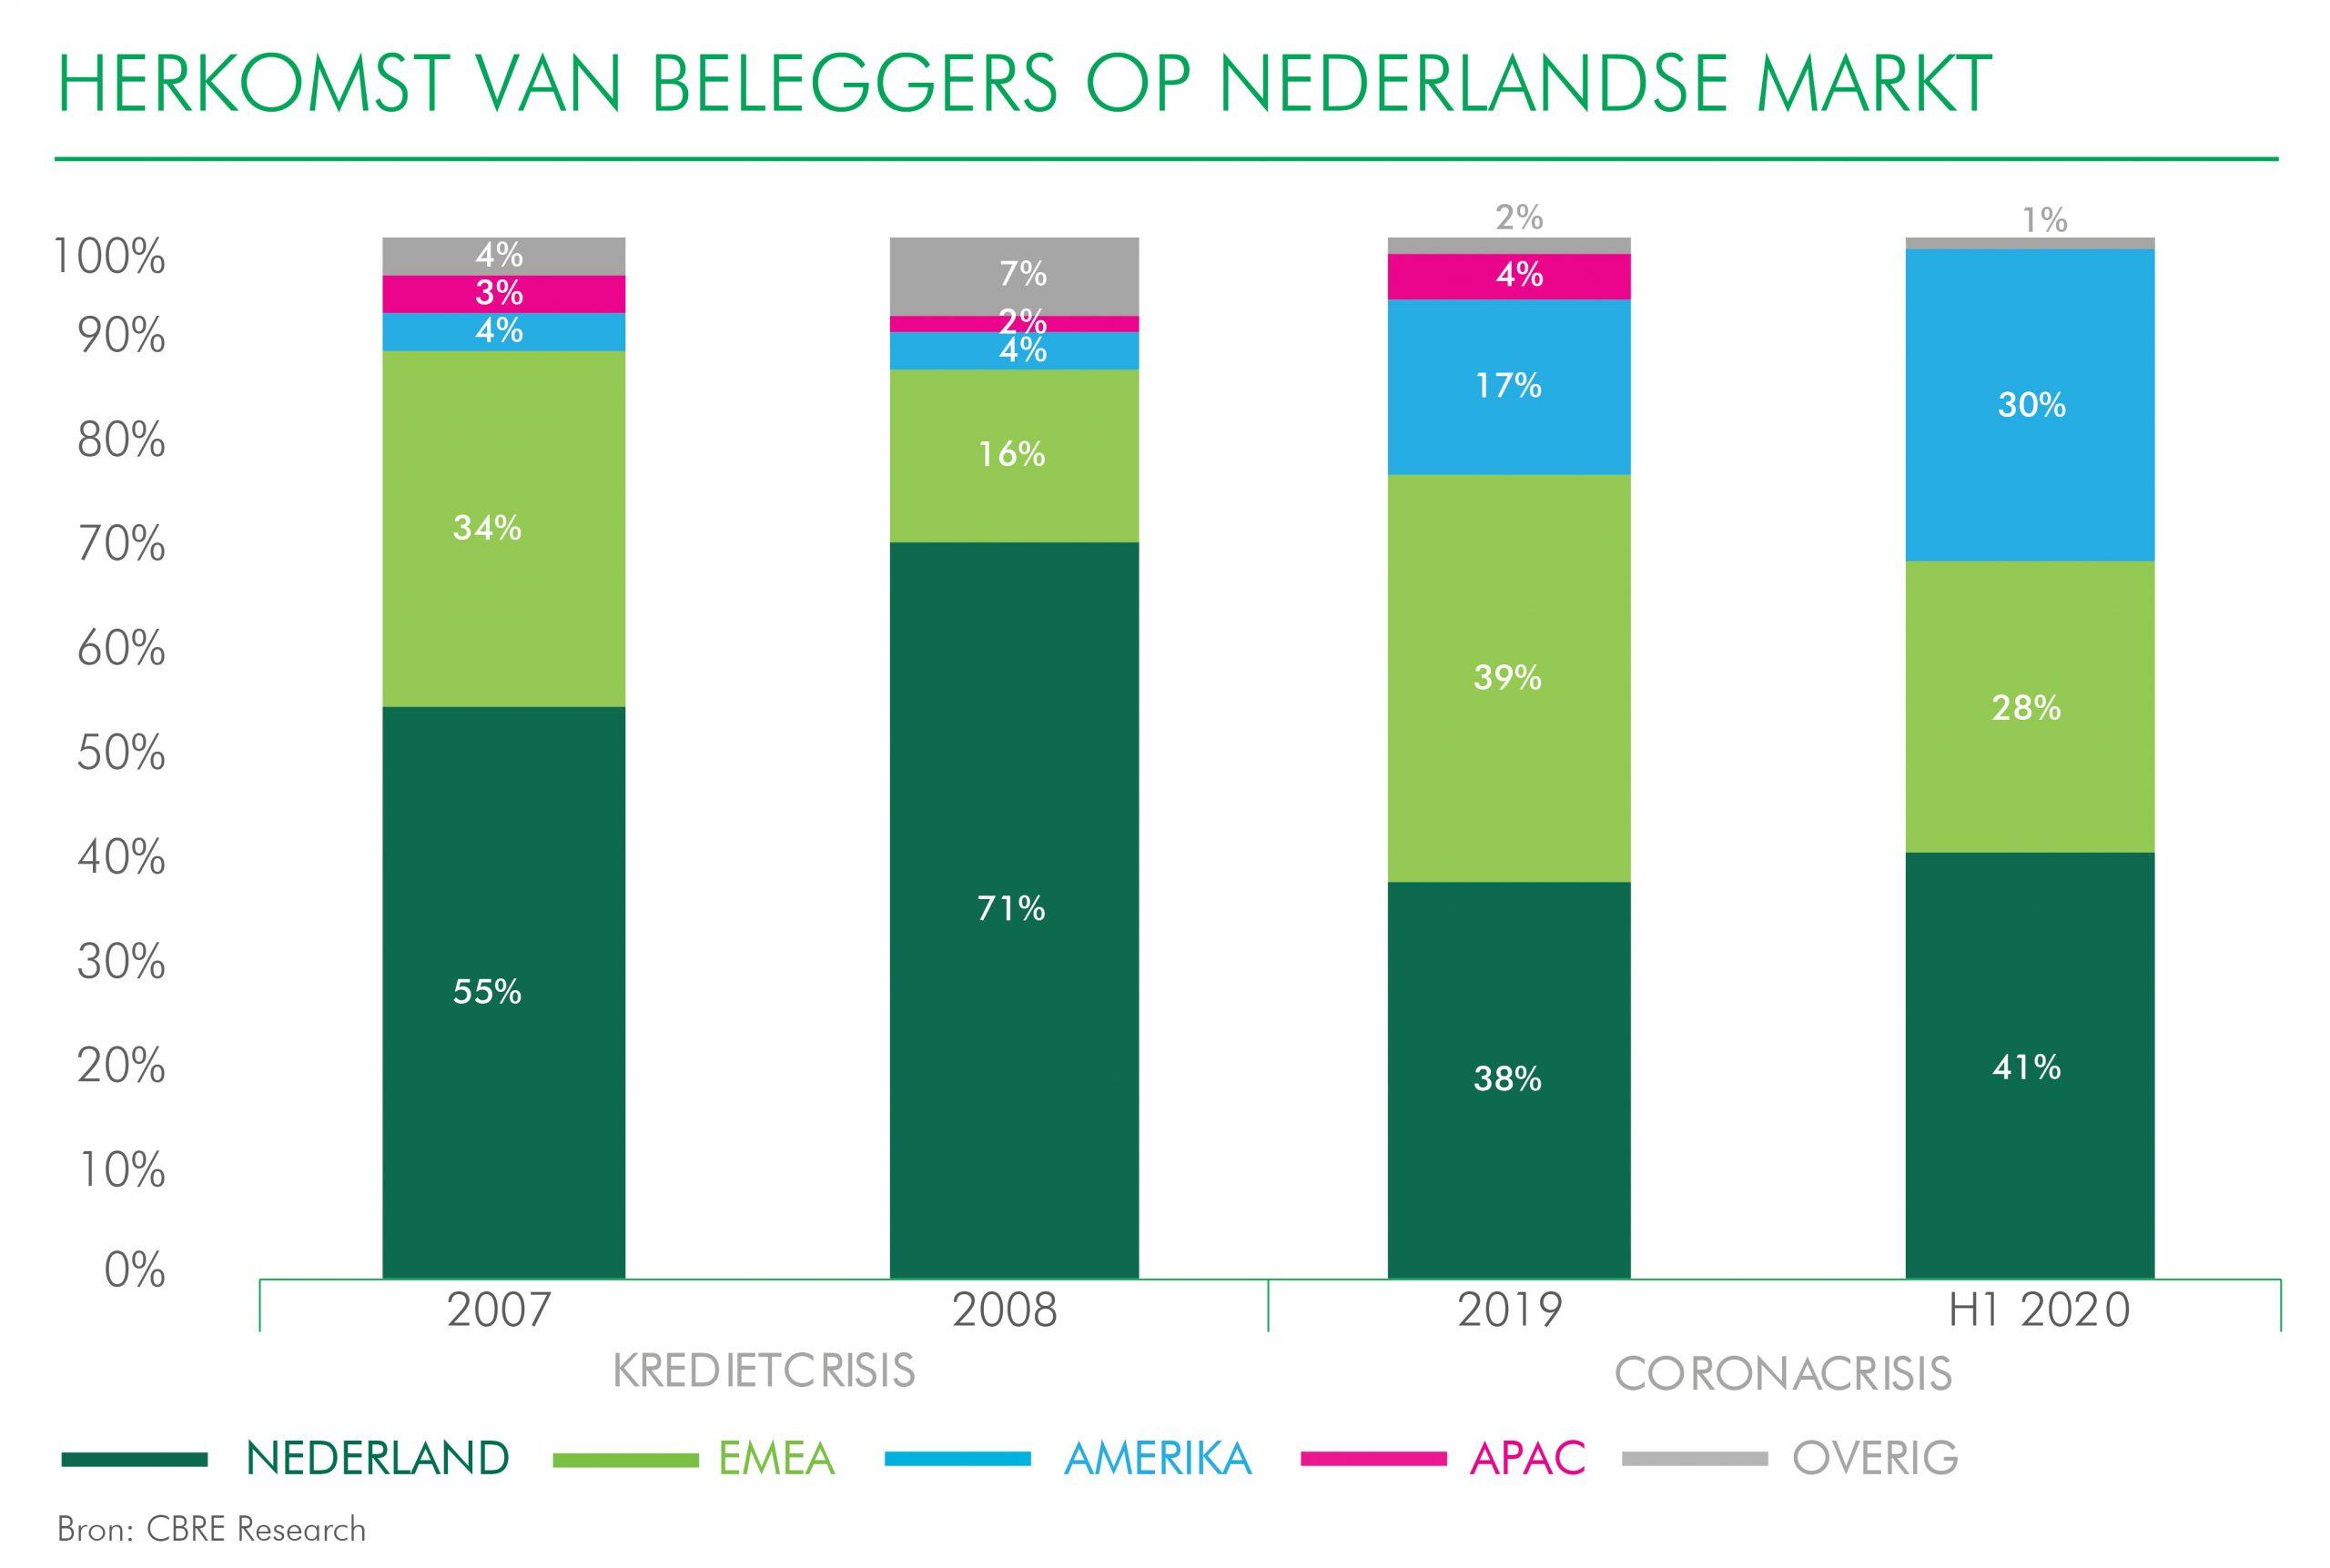 Herkomst van beleggers op Nederlandse markt